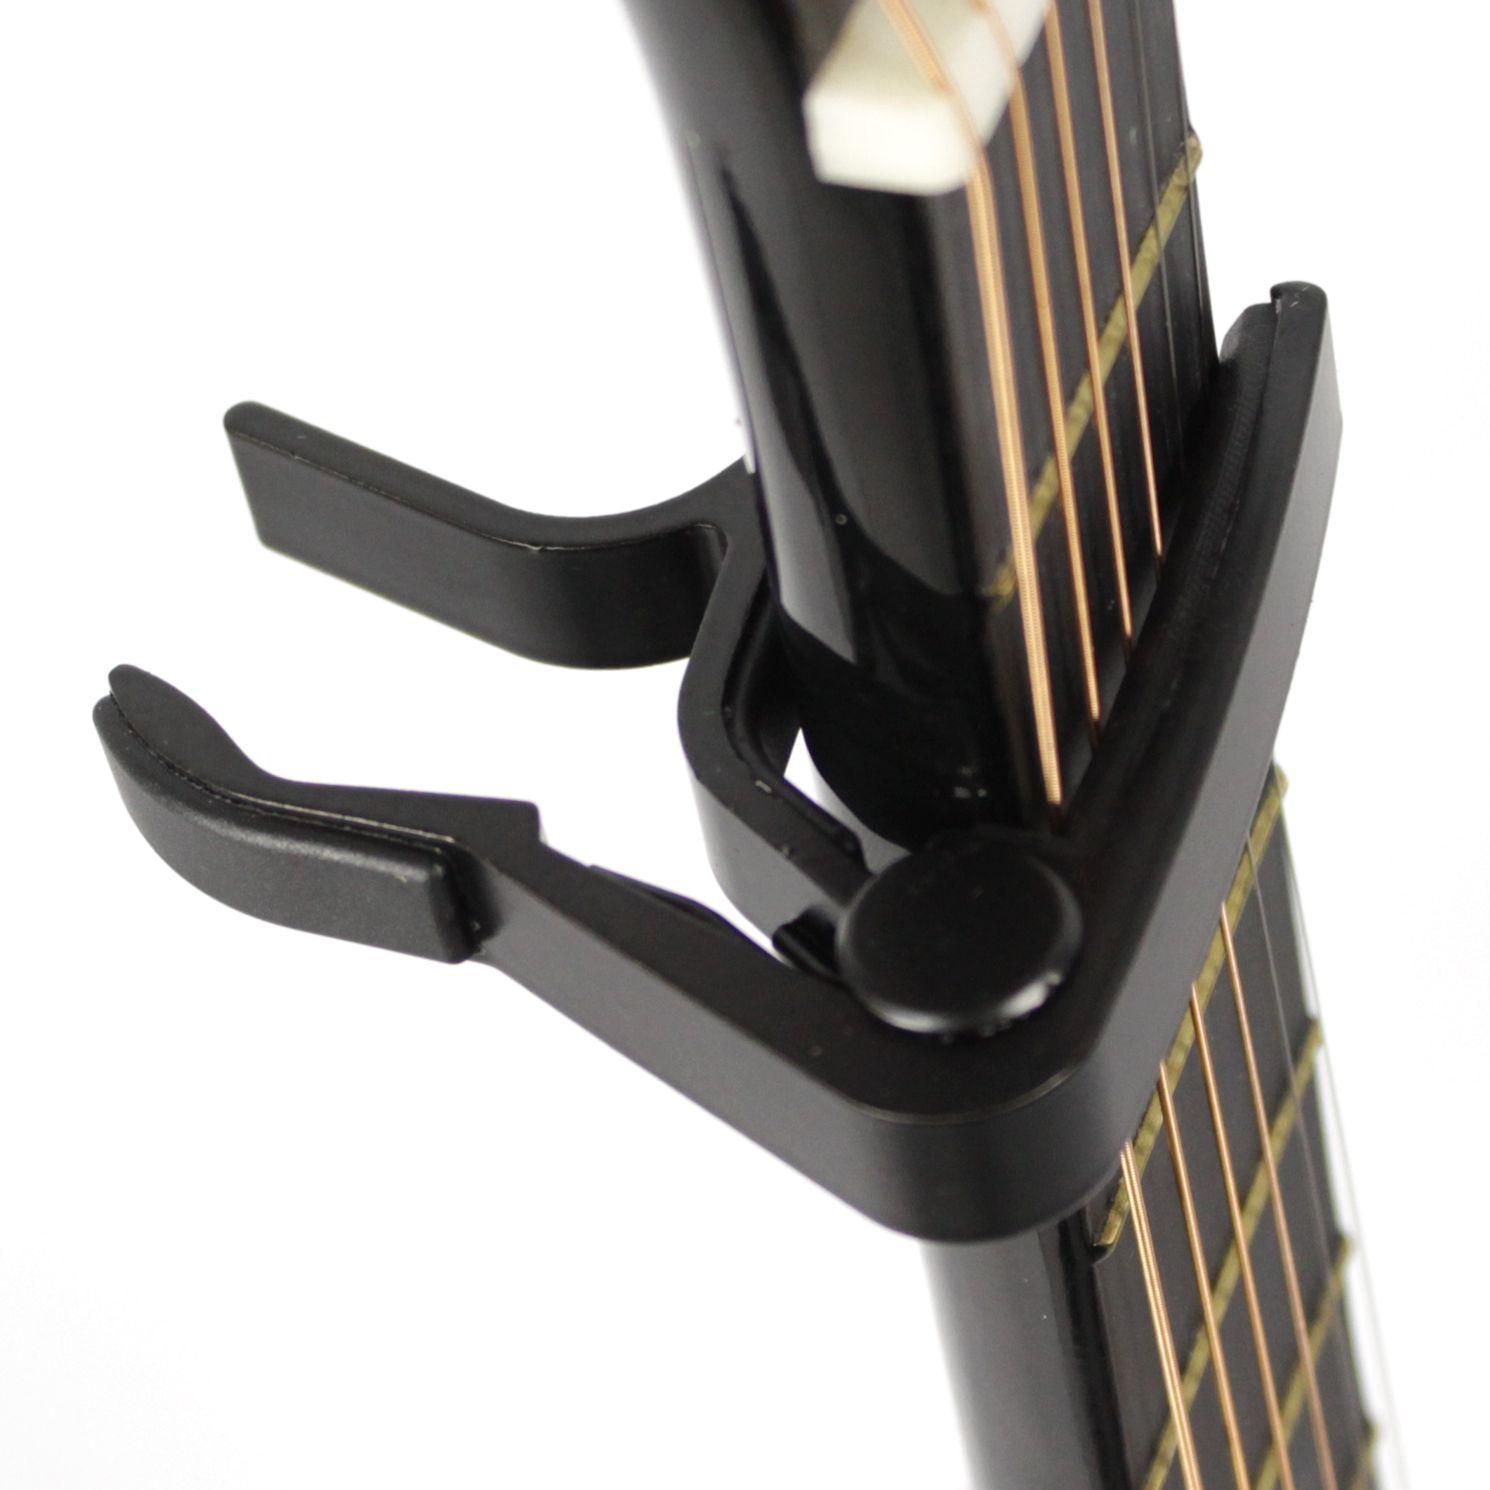 Capotraste para Guitarra e Violão AÇO em Metal Guitar Capo - Preto